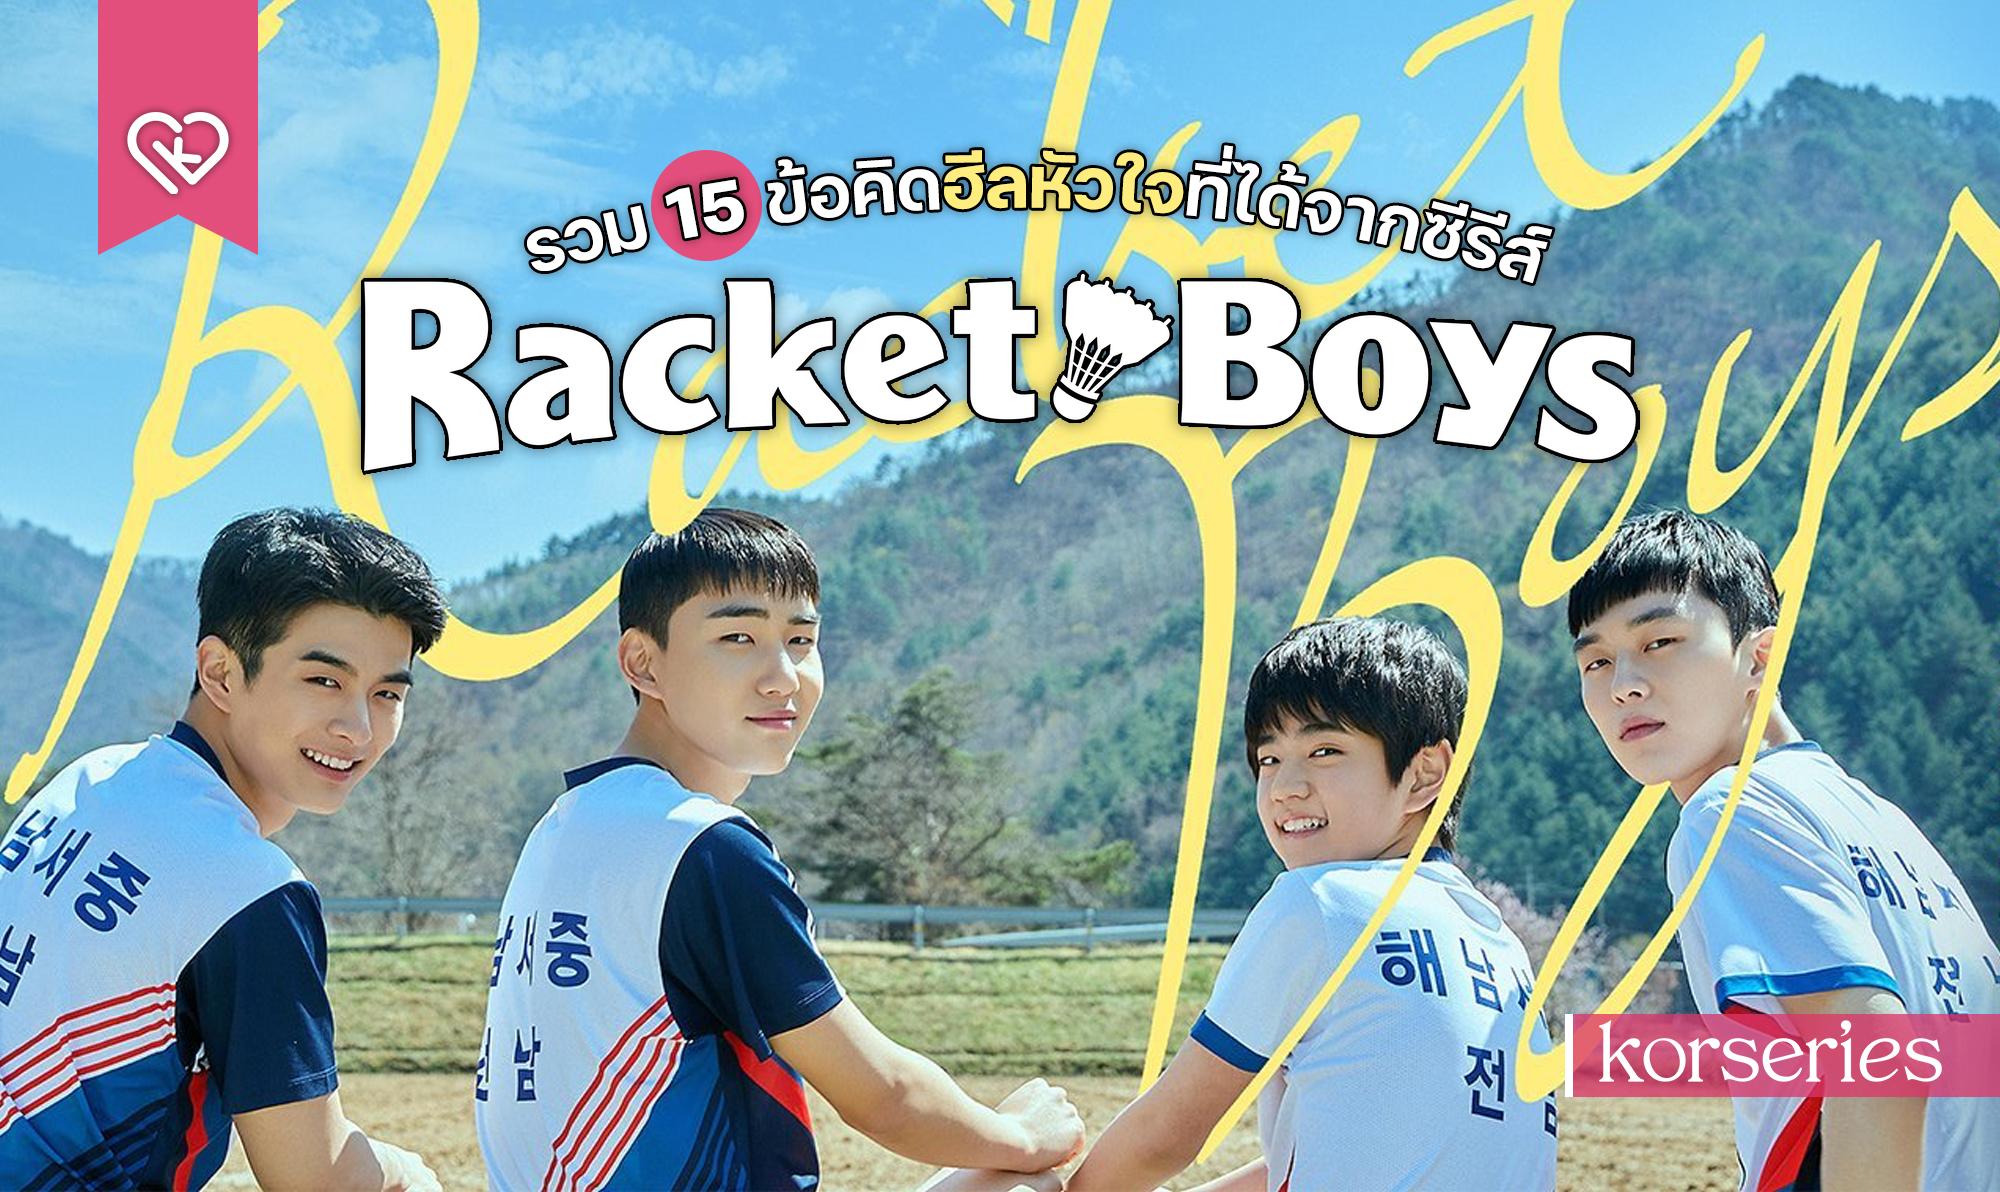 รวม 15 ข้อคิดฮีลหัวใจที่ได้จากซีรีส์ Racket Boys